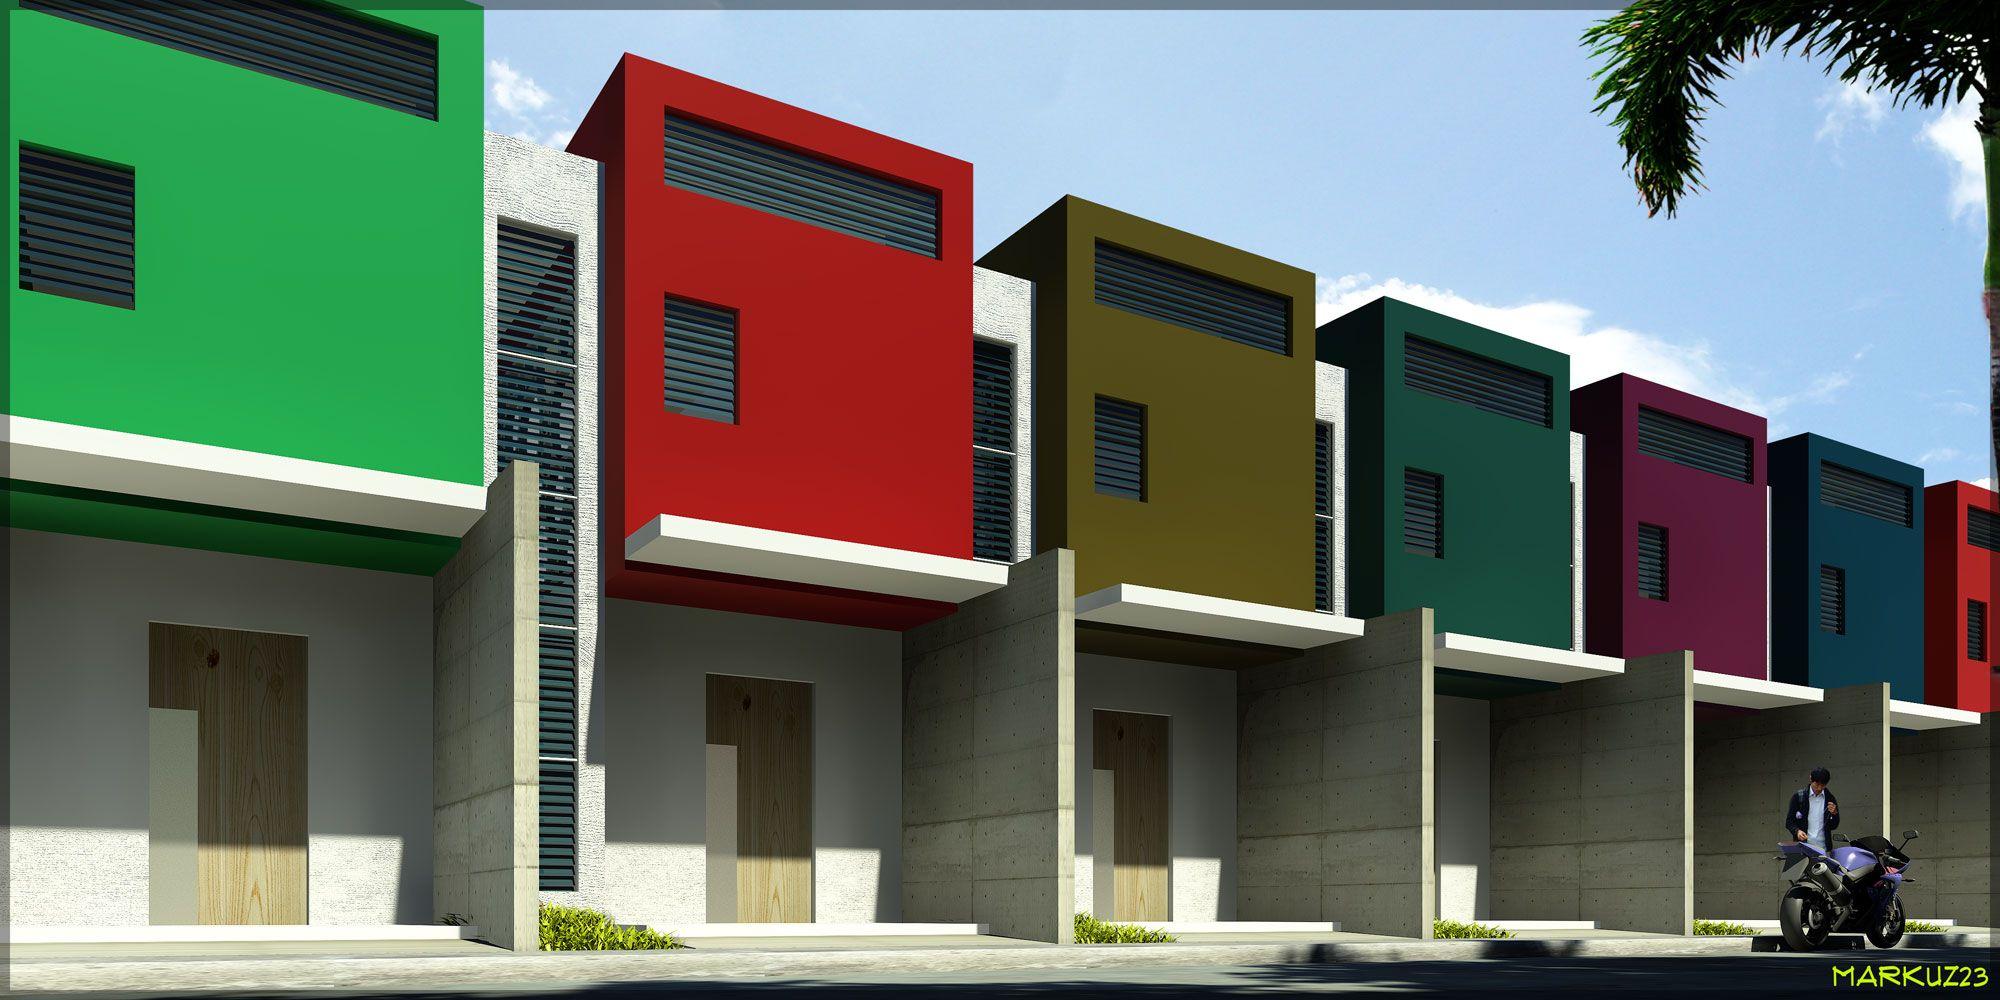 Row House Markuz23 House Plans South Africa Row House Design Architect House